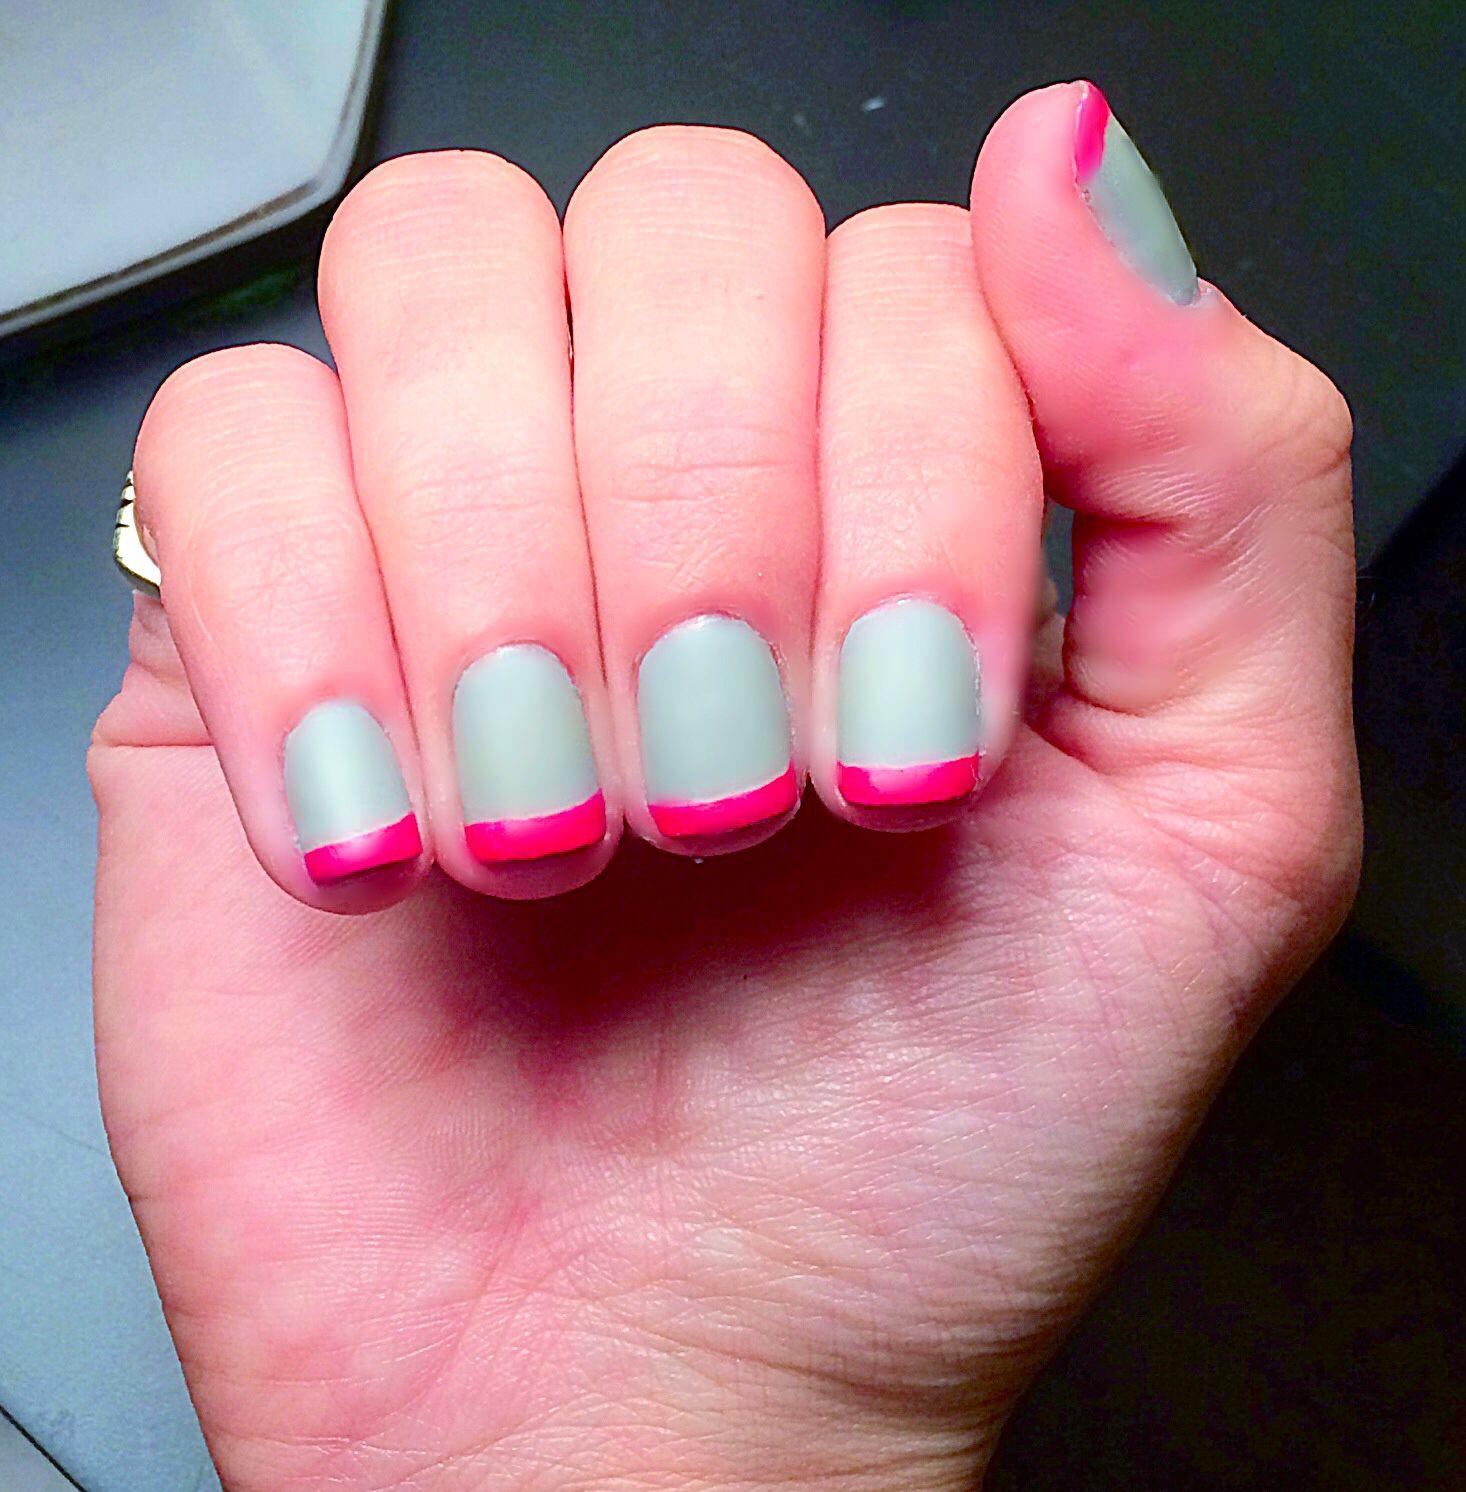 Nail art for short nails | Nail Art | Pinterest | Short nails ...